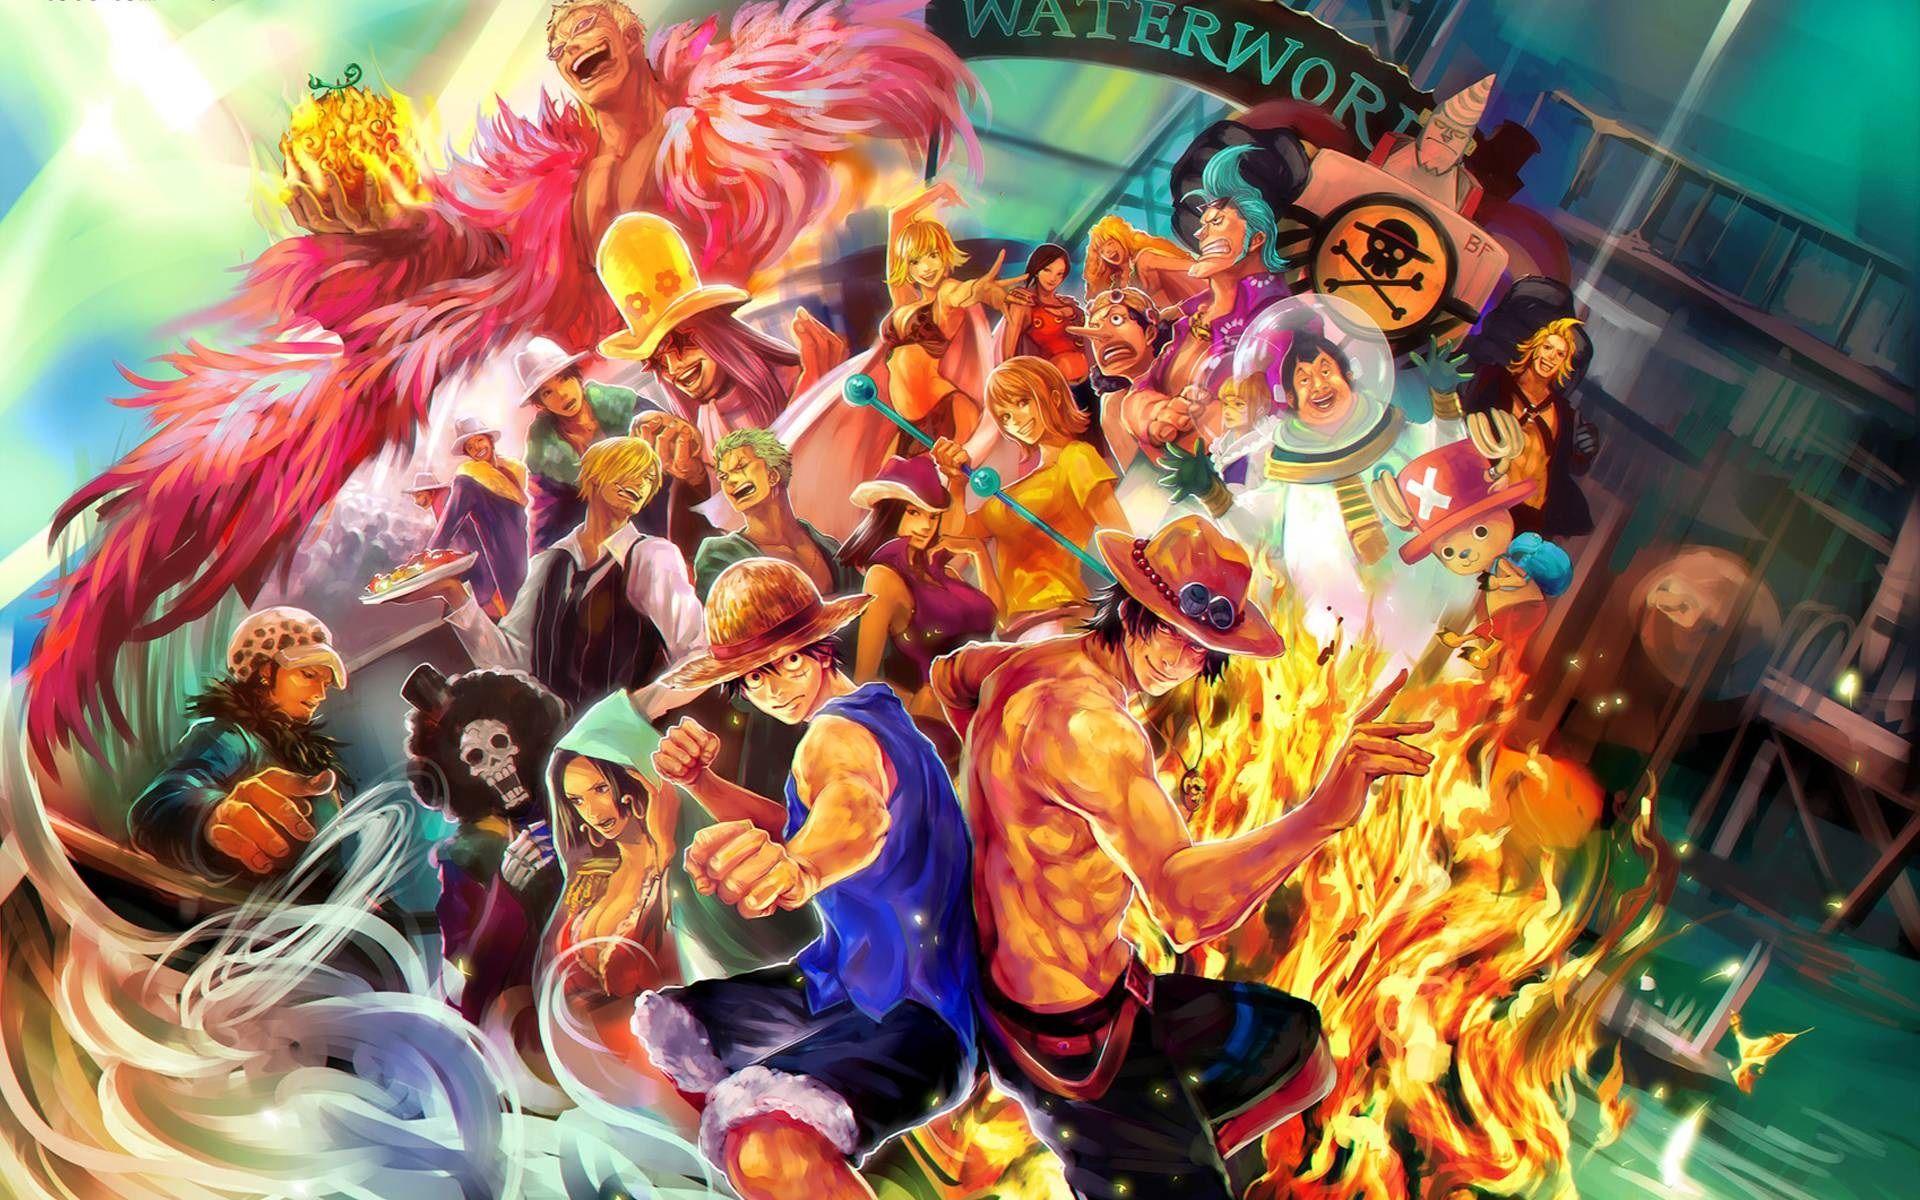 Resultados De La Busqueda De Imagenes Imagenes De One Piece